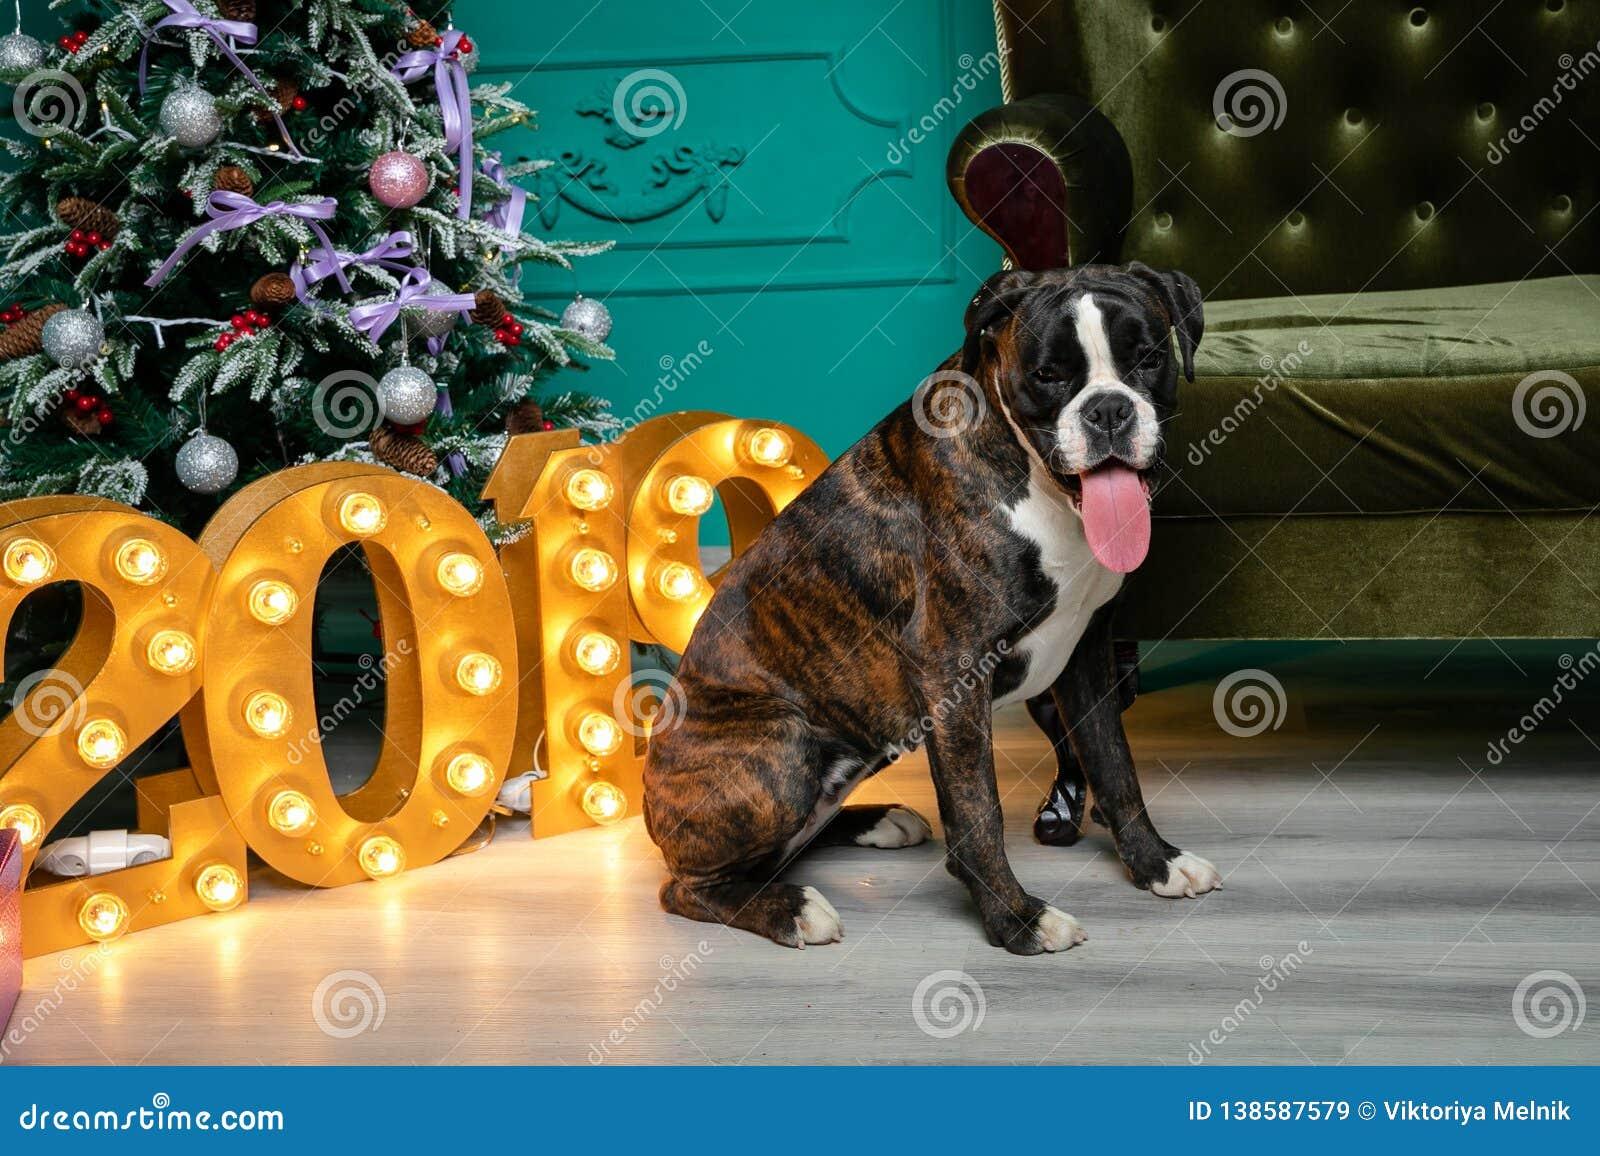 Cão, pugilista alemão marrom-e-branco, com a menina de projeção da língua sentando-se na frente da árvore de Natal, figuras arden